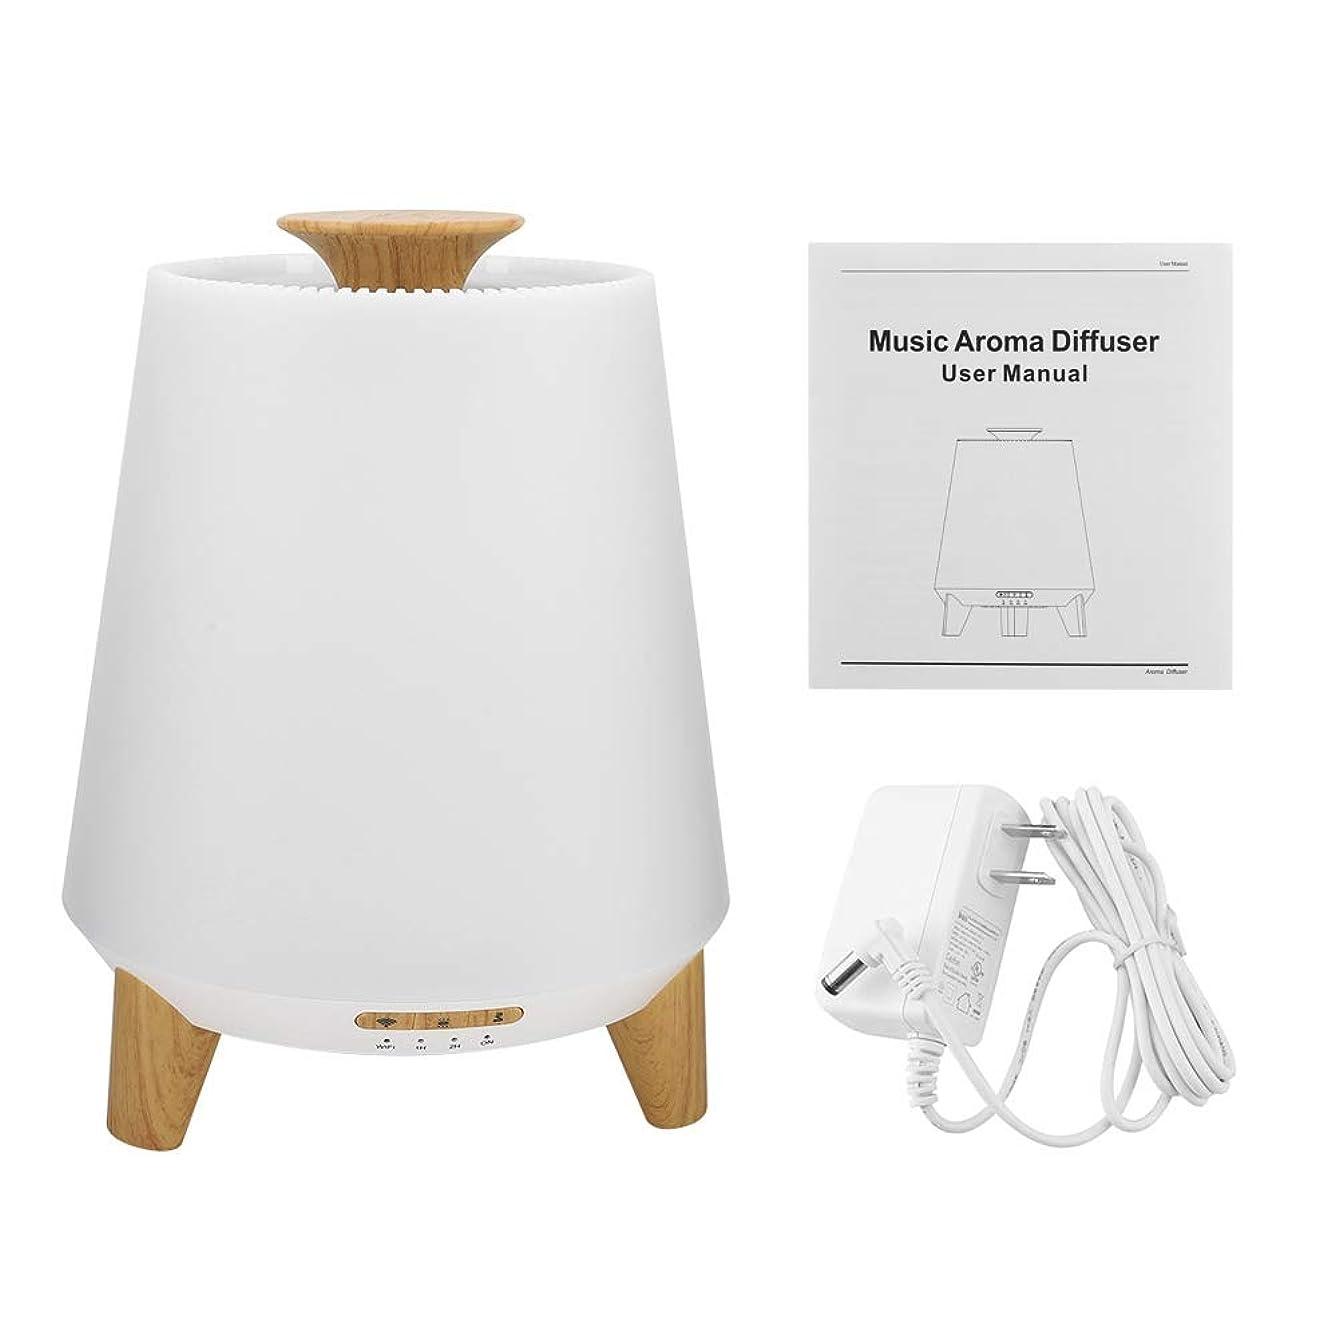 一般化する上院議員幻想的加湿器 アロマディフューザー 音楽プレーヤー 3 in 1 7色LEDライト クールミスト WIFI スマート 超音波 アロマ エッセンシャルオイル 互換性用 300ml(#1)